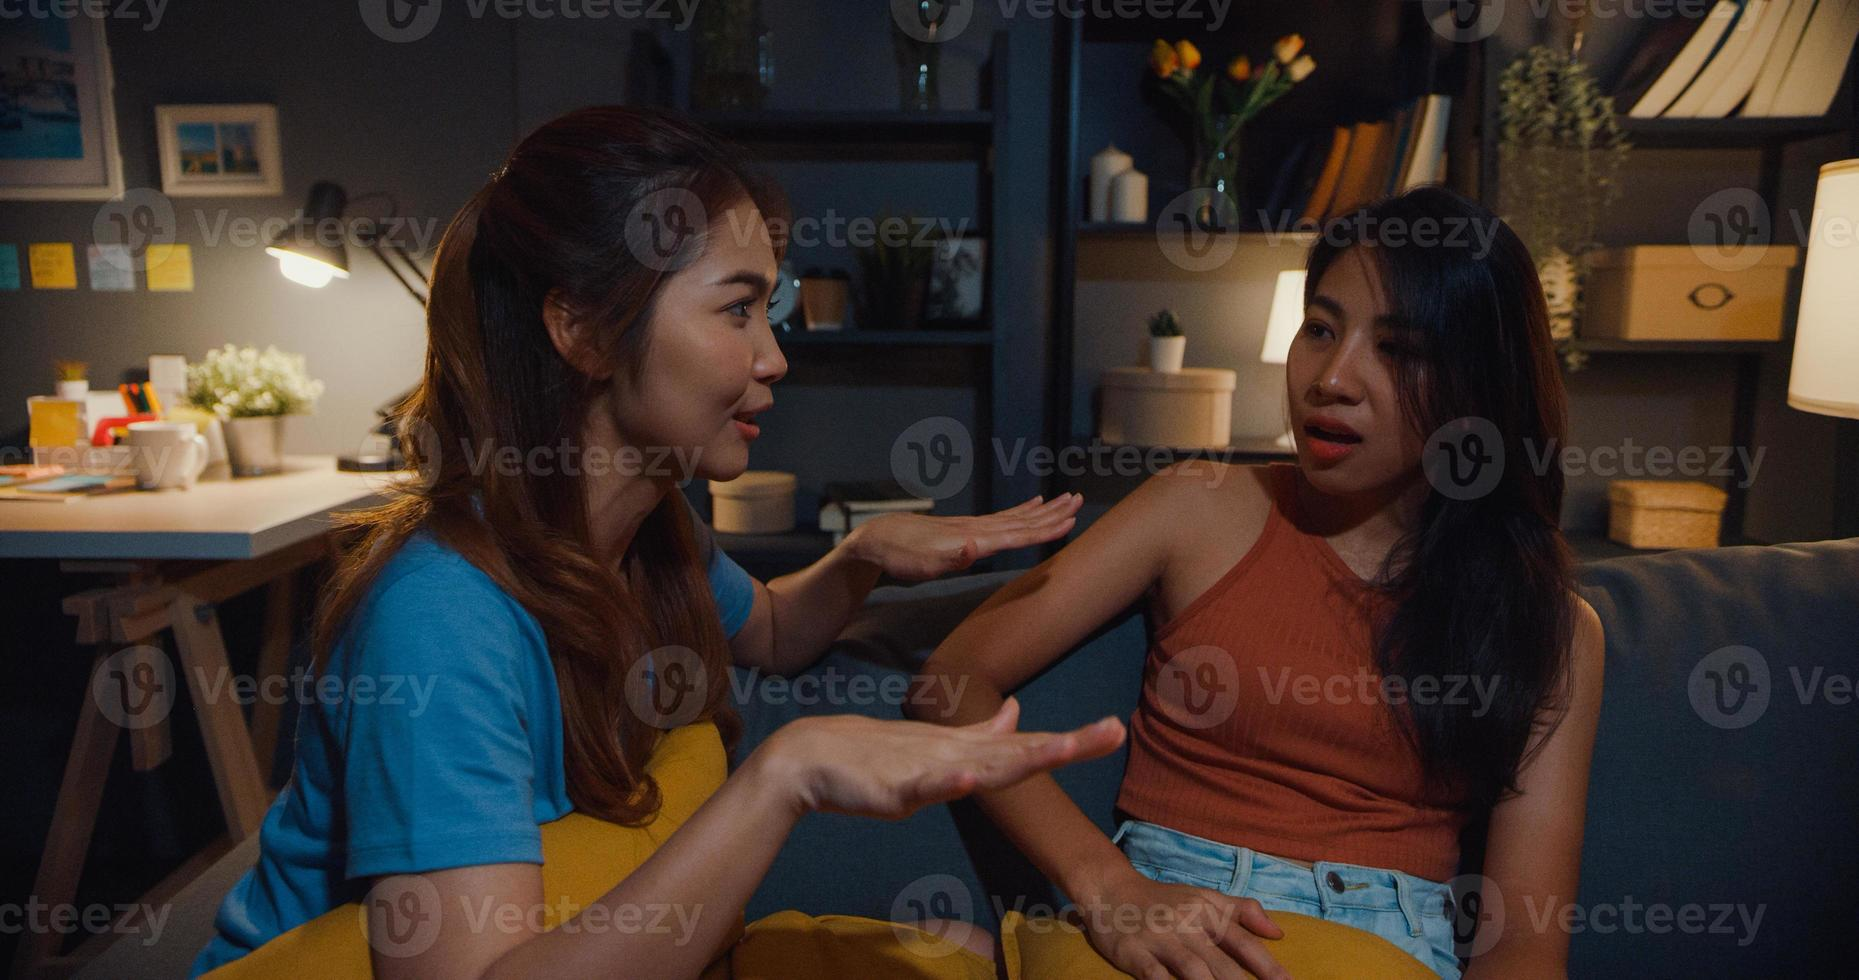 glada attraktiva asiatiska kvinnor med avslappnad koppla av i soffchatten prata tillsammans om sitt liv och relationskvaller i vardagsrummet hemma natt. flickvänner rumskamrat bo i sovsal tillsammans. foto